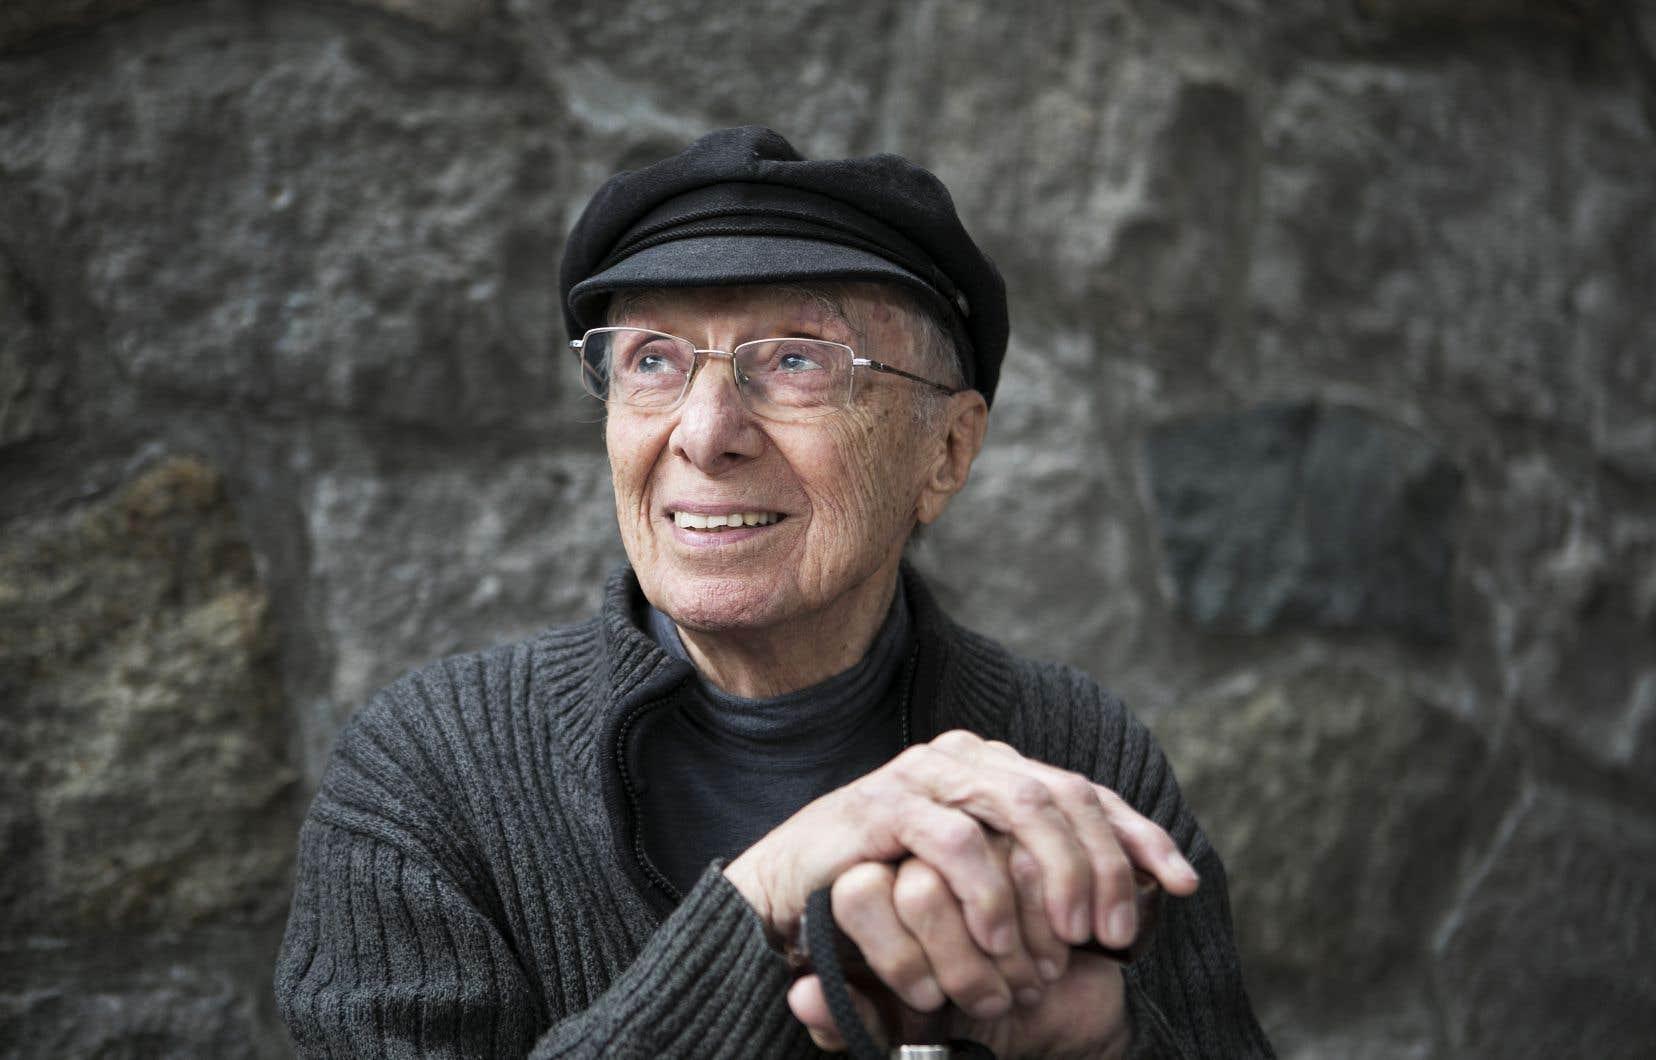 Le cinéaste Fernand Dansereau a encore plein de projets malgré son grand âge.